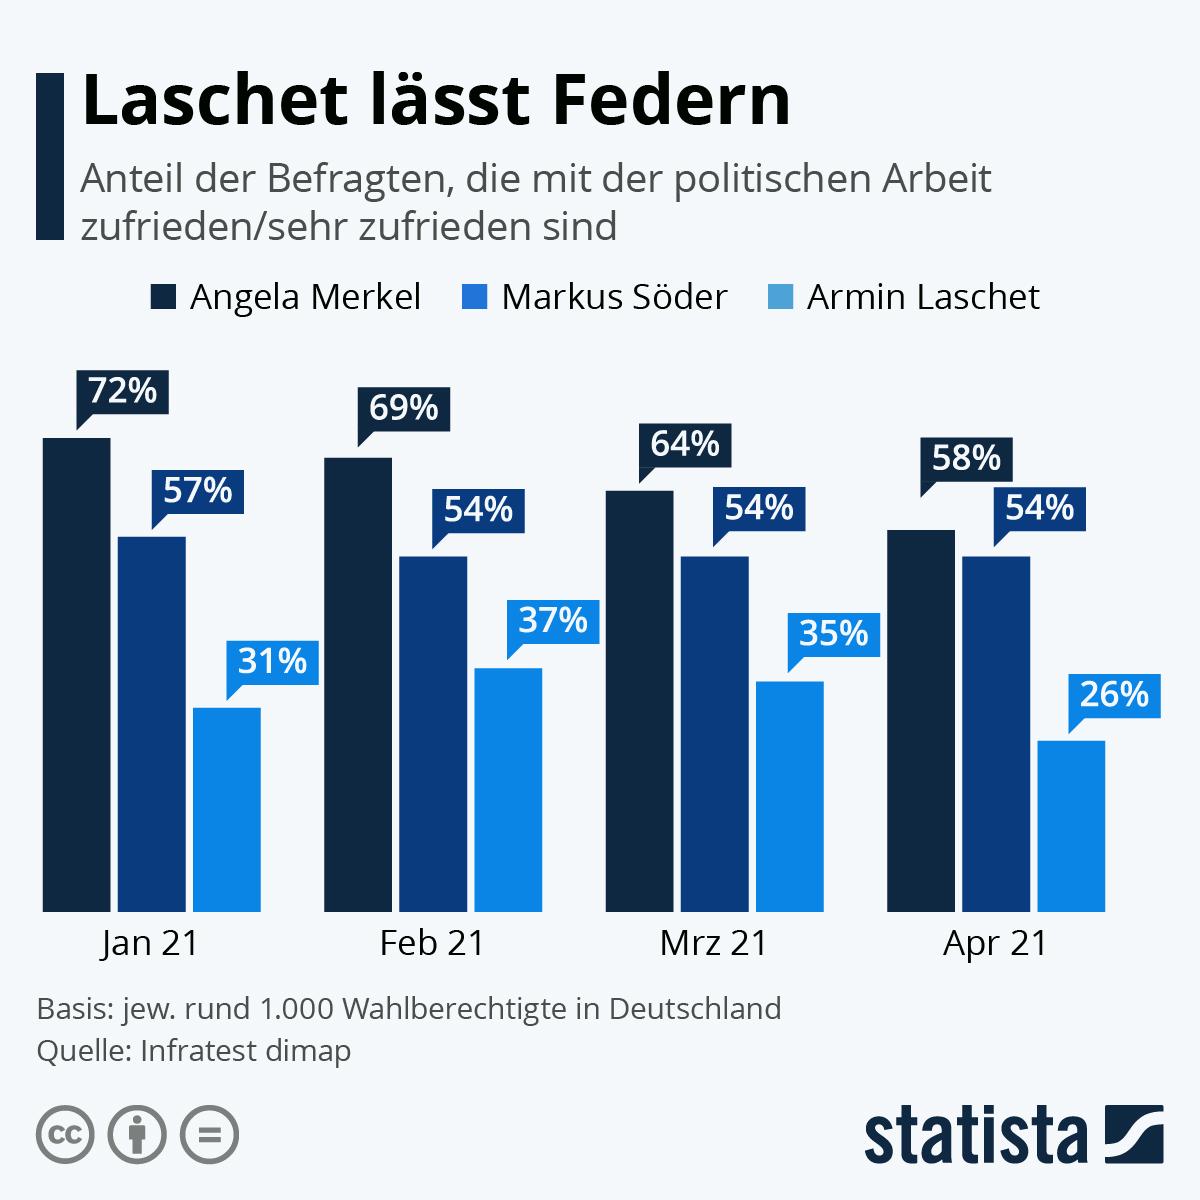 Infografik: Laschet lässt Federn | Statista